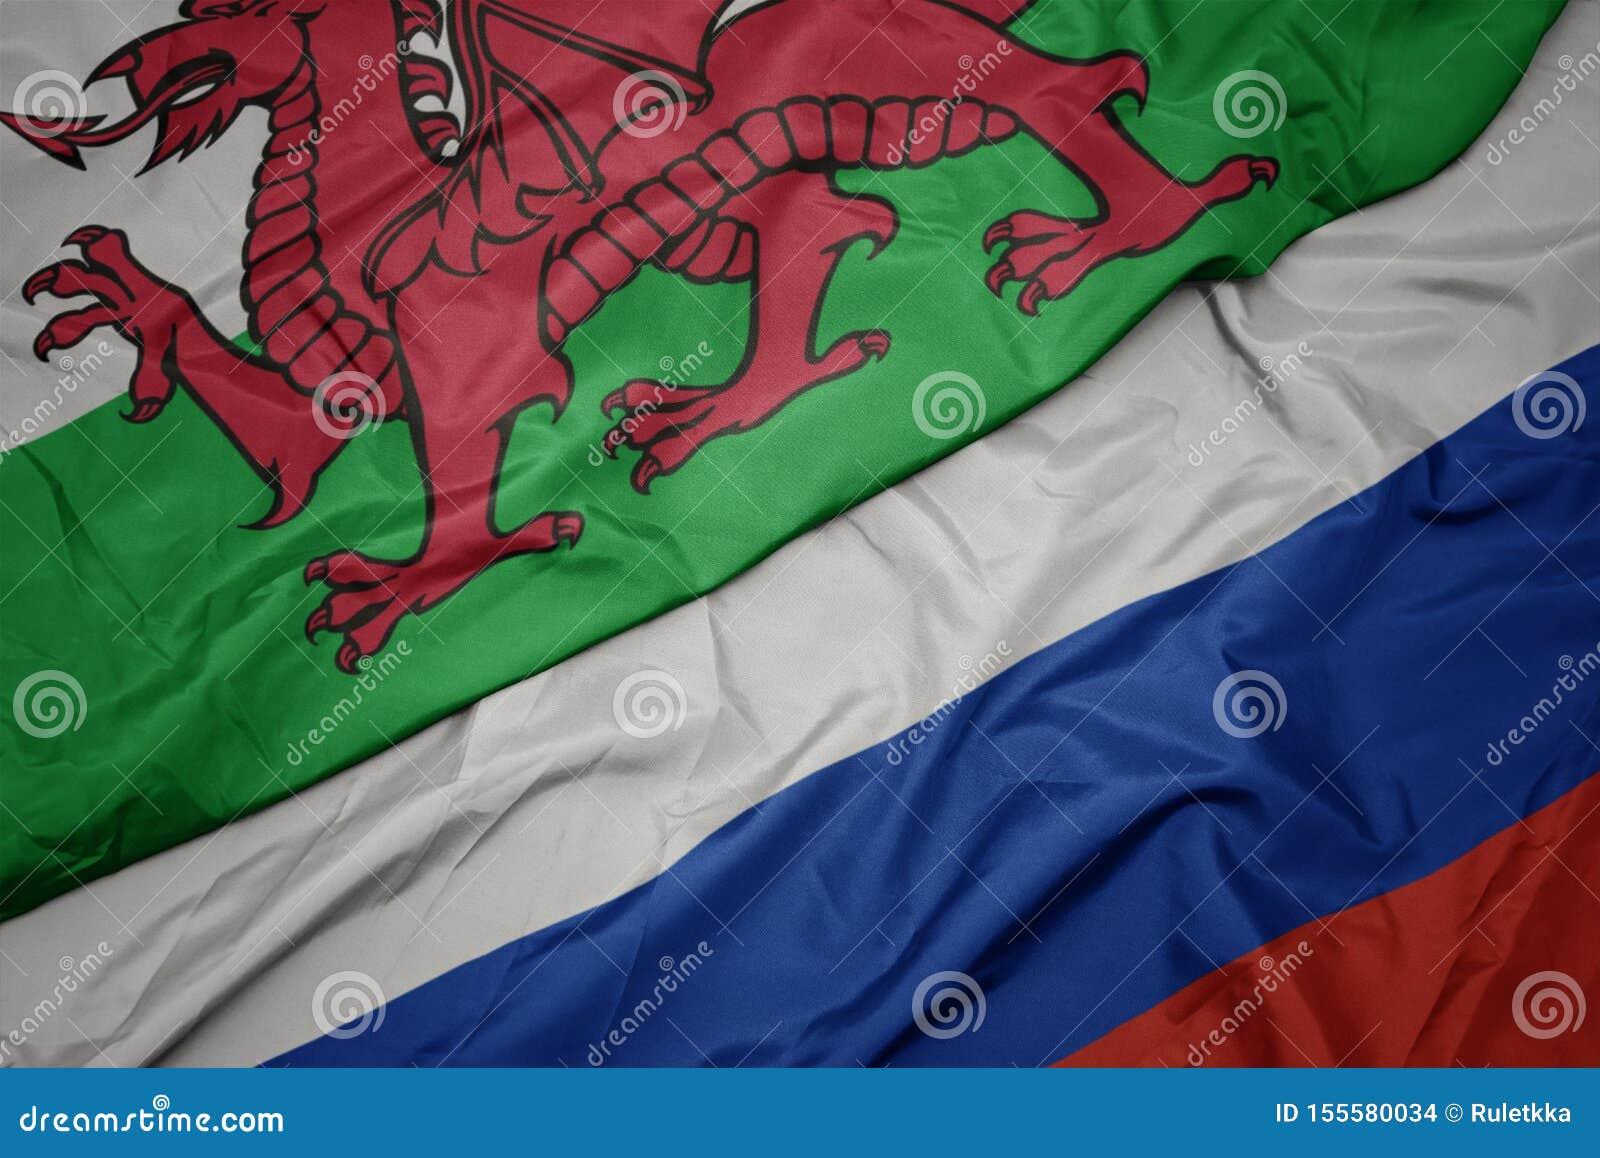 Bandera colorida que agita de Rusia y bandera nacional de País de Gales